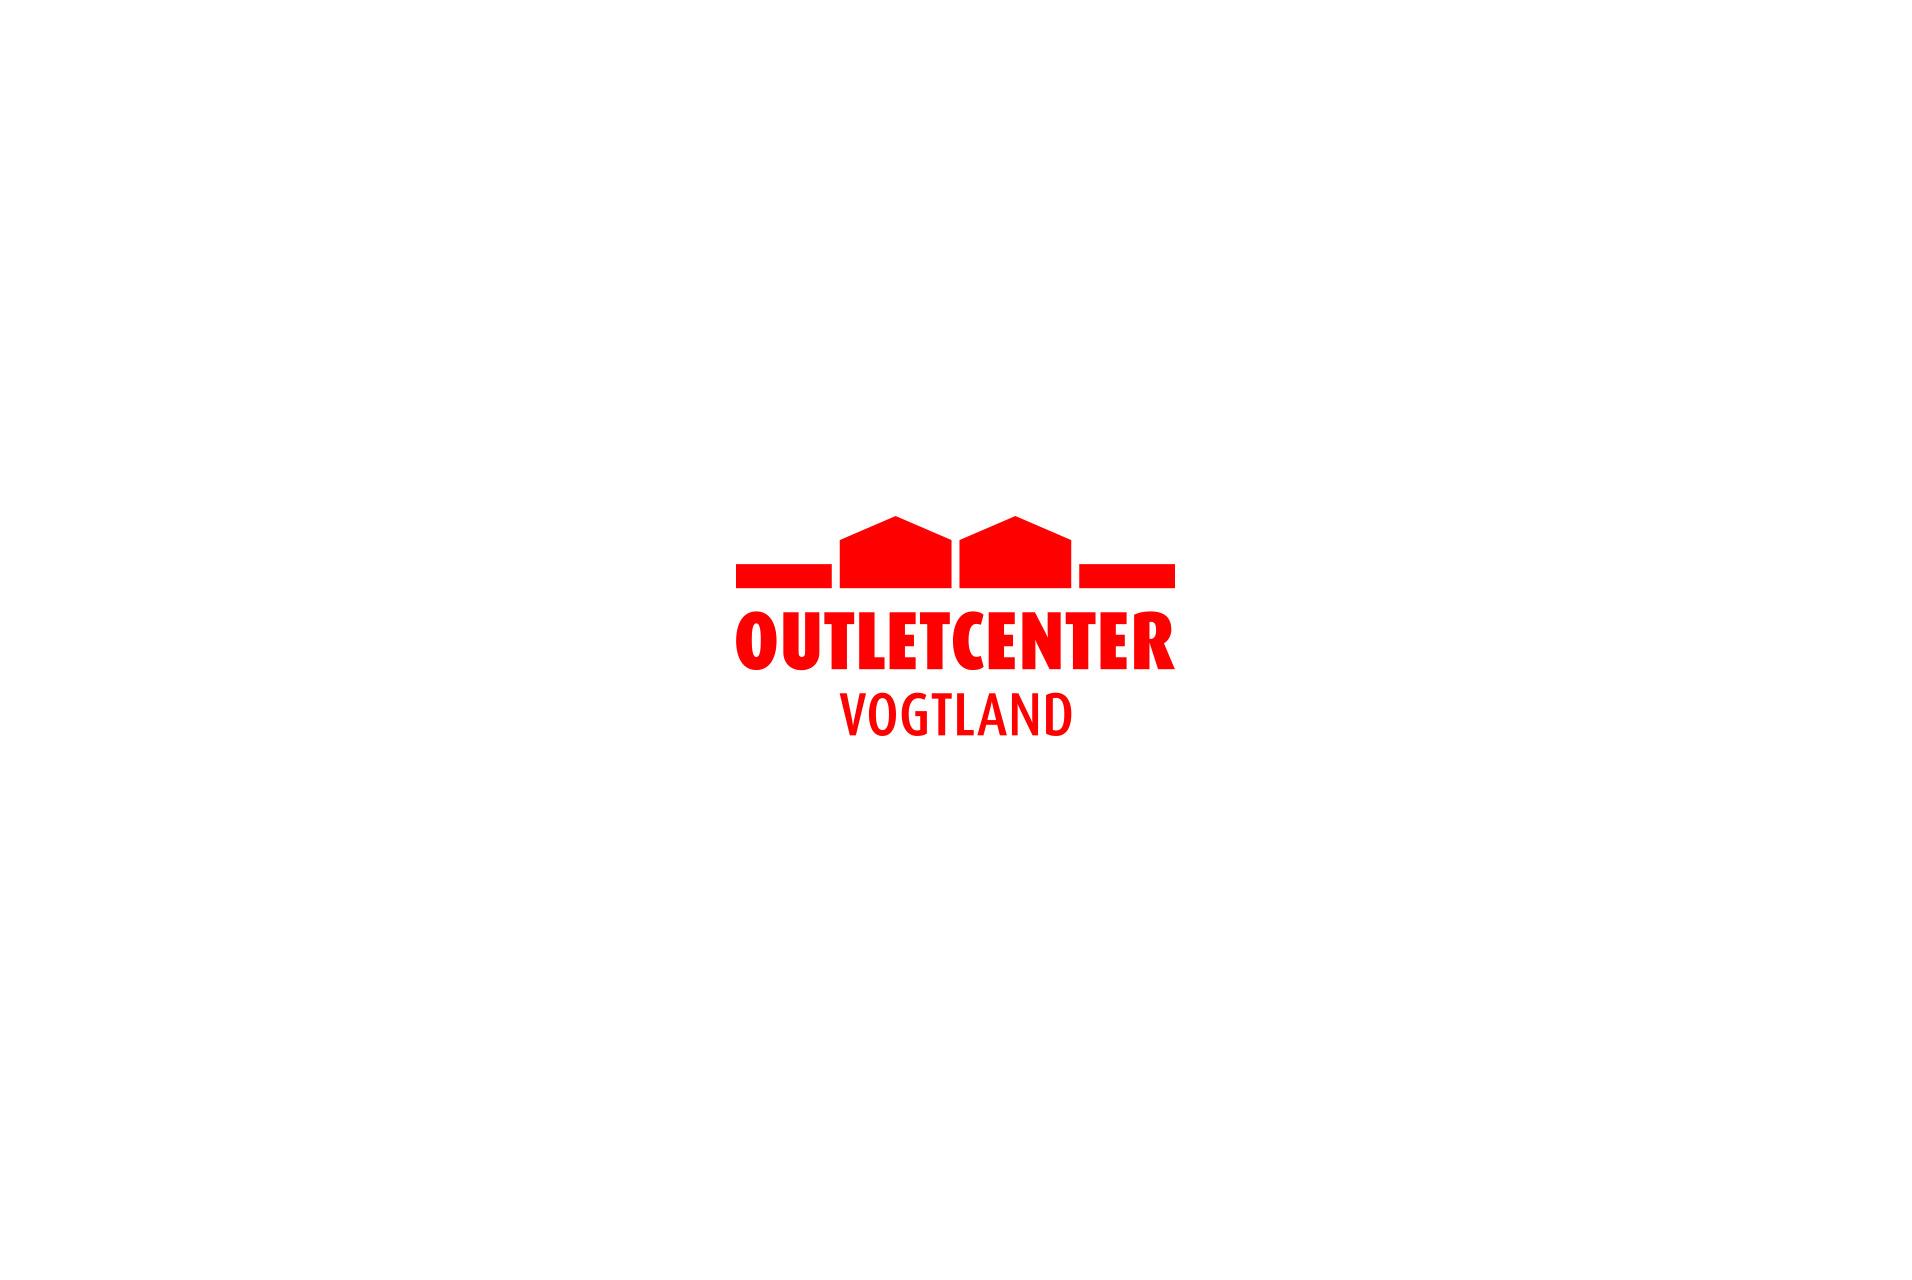 Outletcenter Vogtland